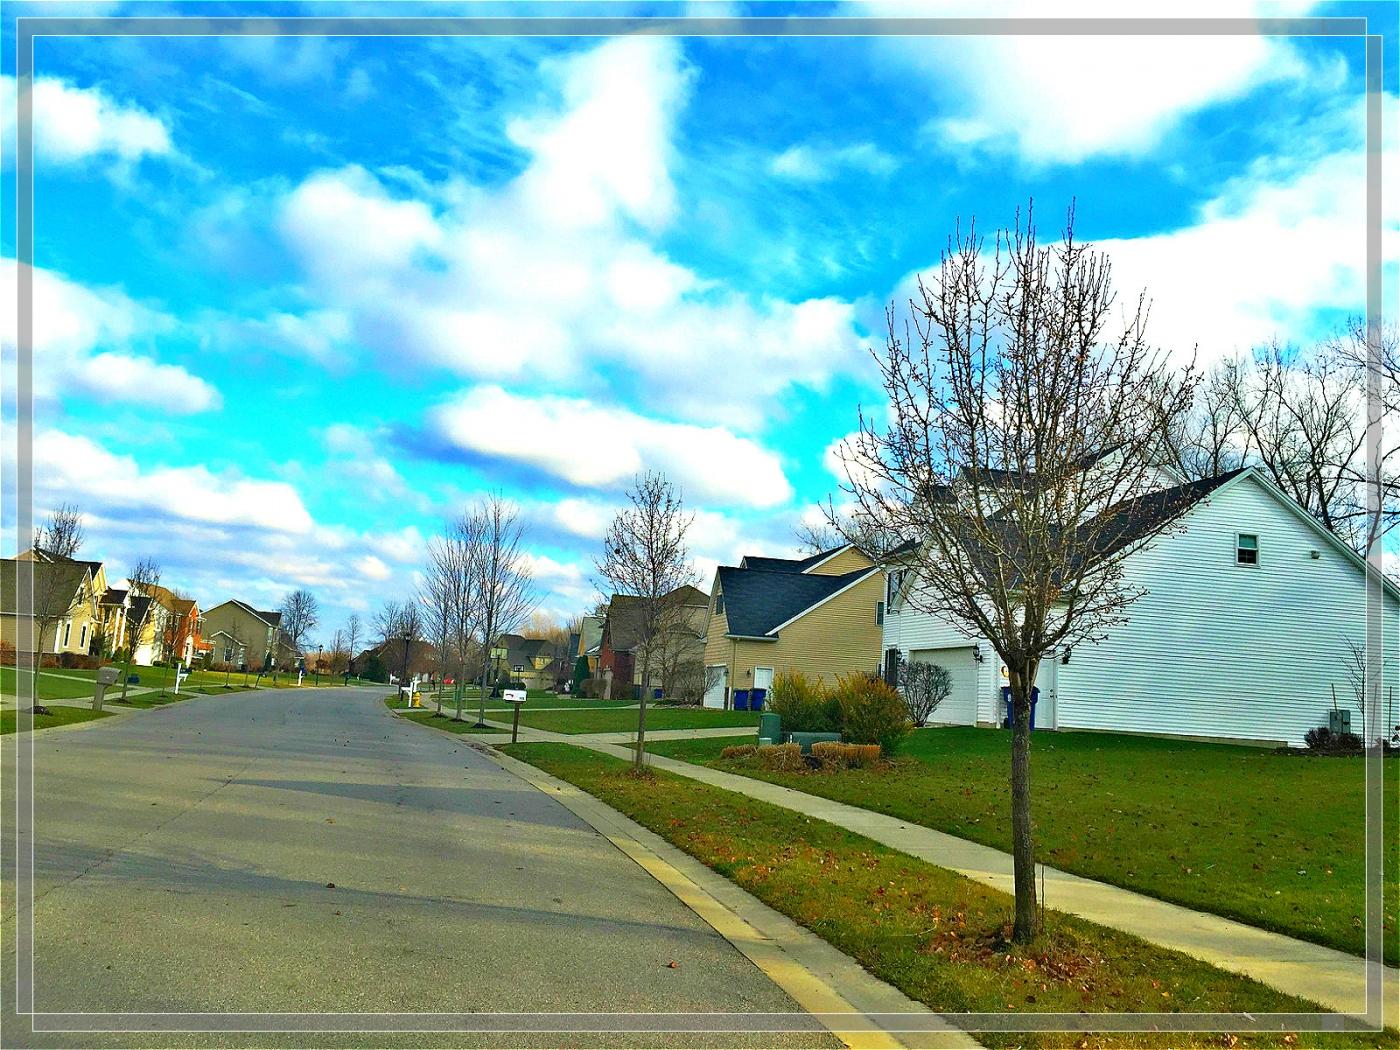 4格照片---蓝蓝的天空白云飘_图1-2